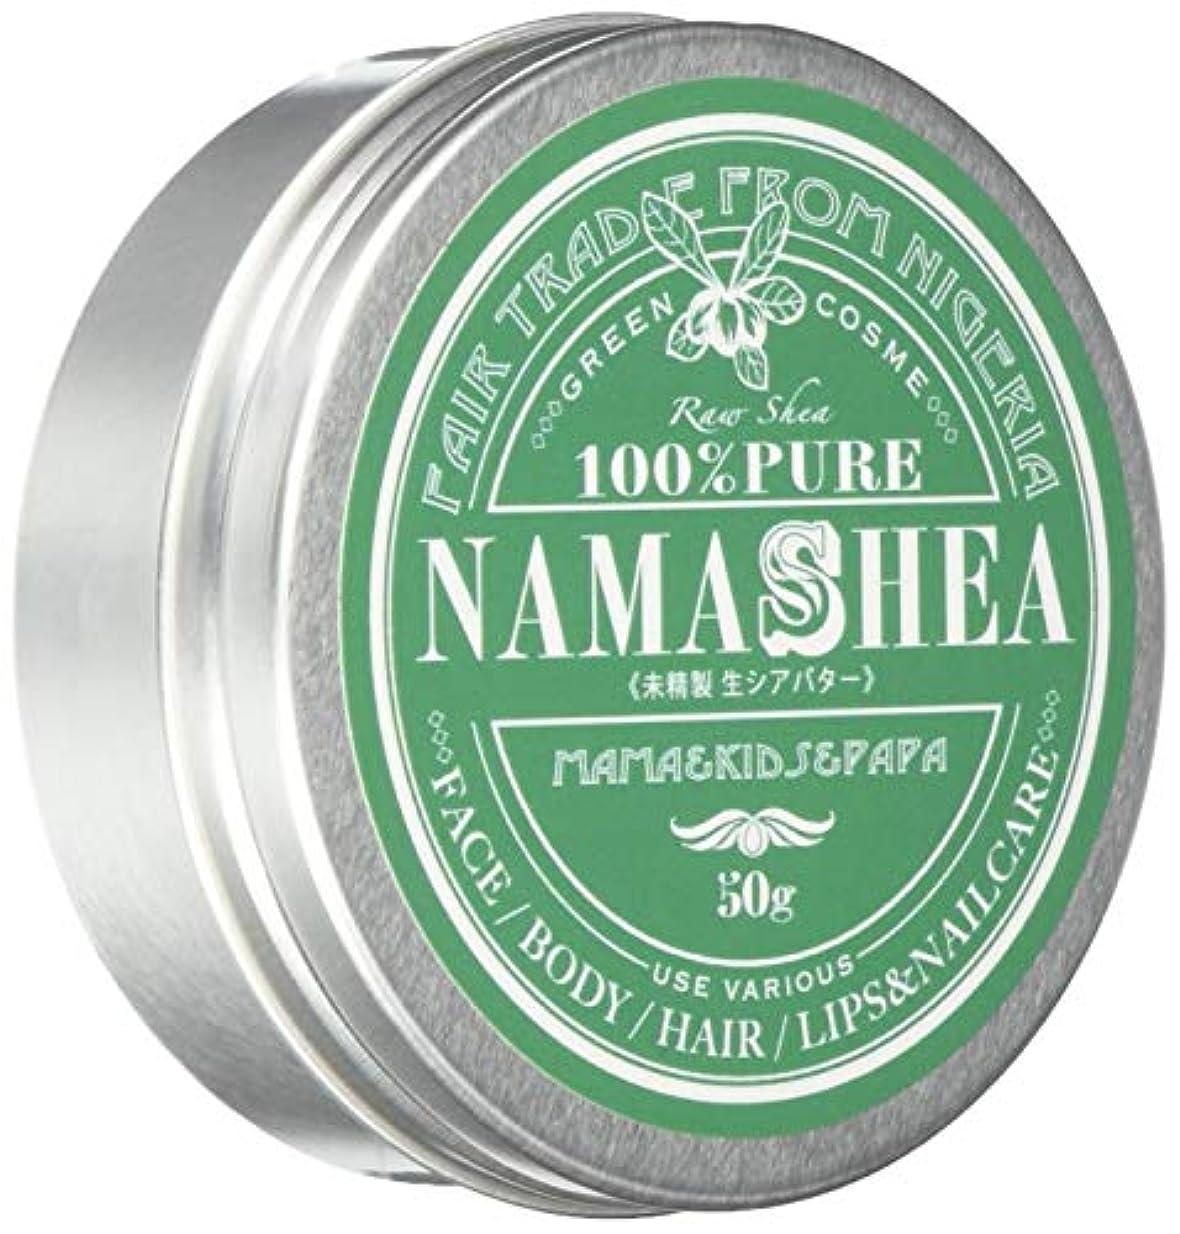 プット無礼に面積ナマシア 未精製シアバター